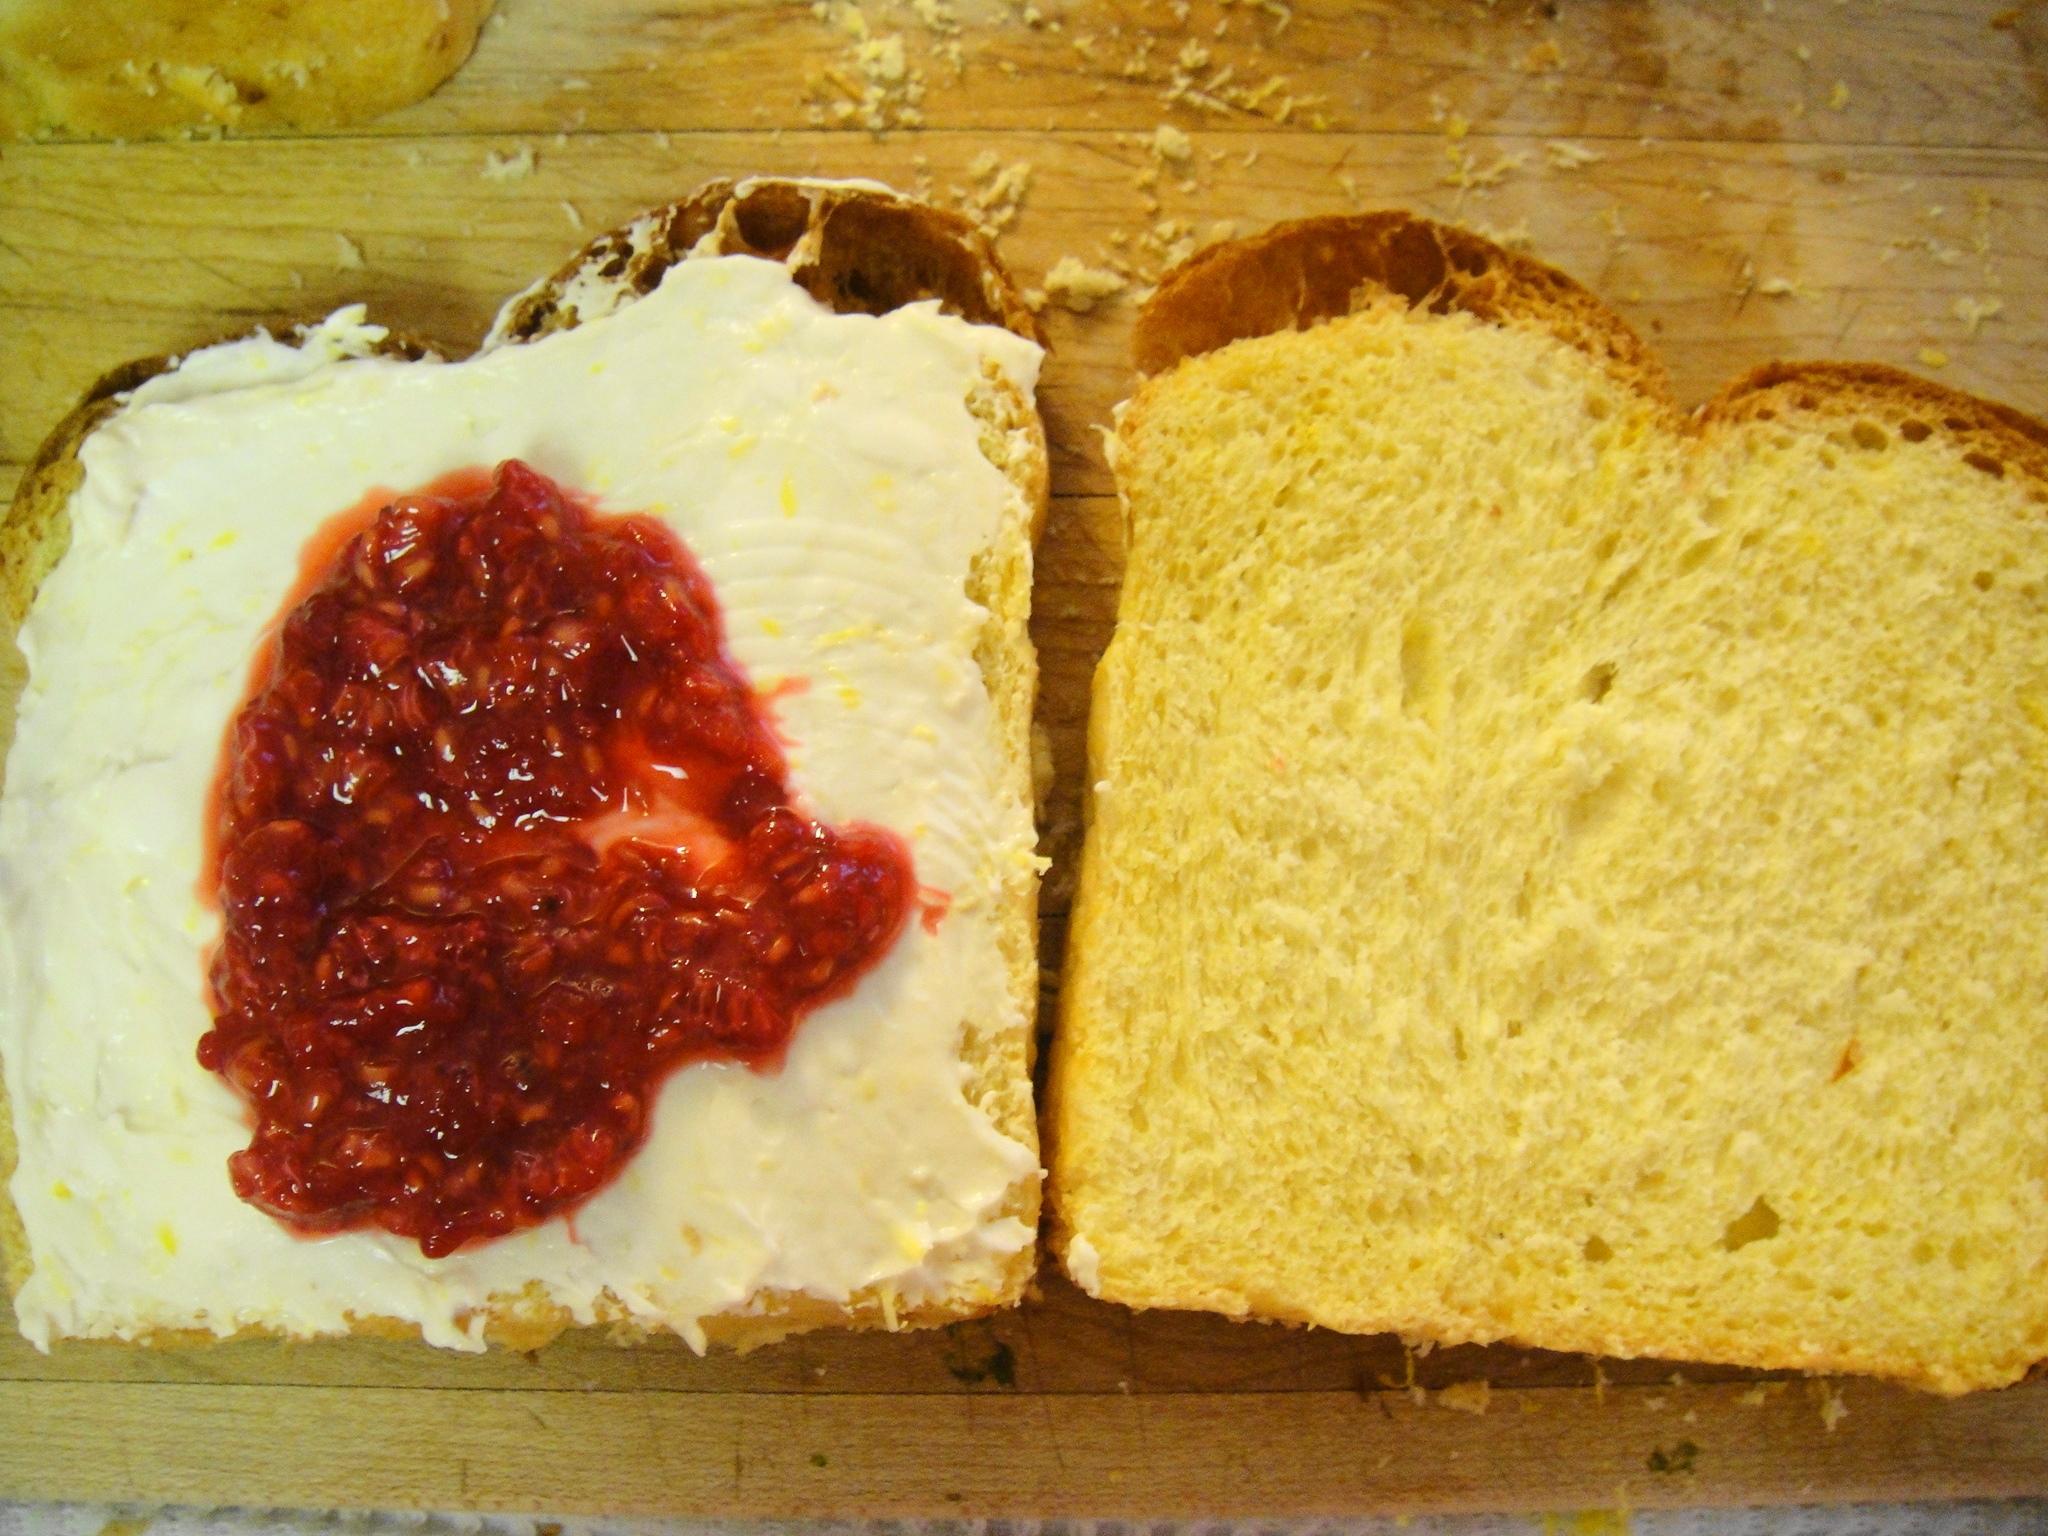 raspberry on toast